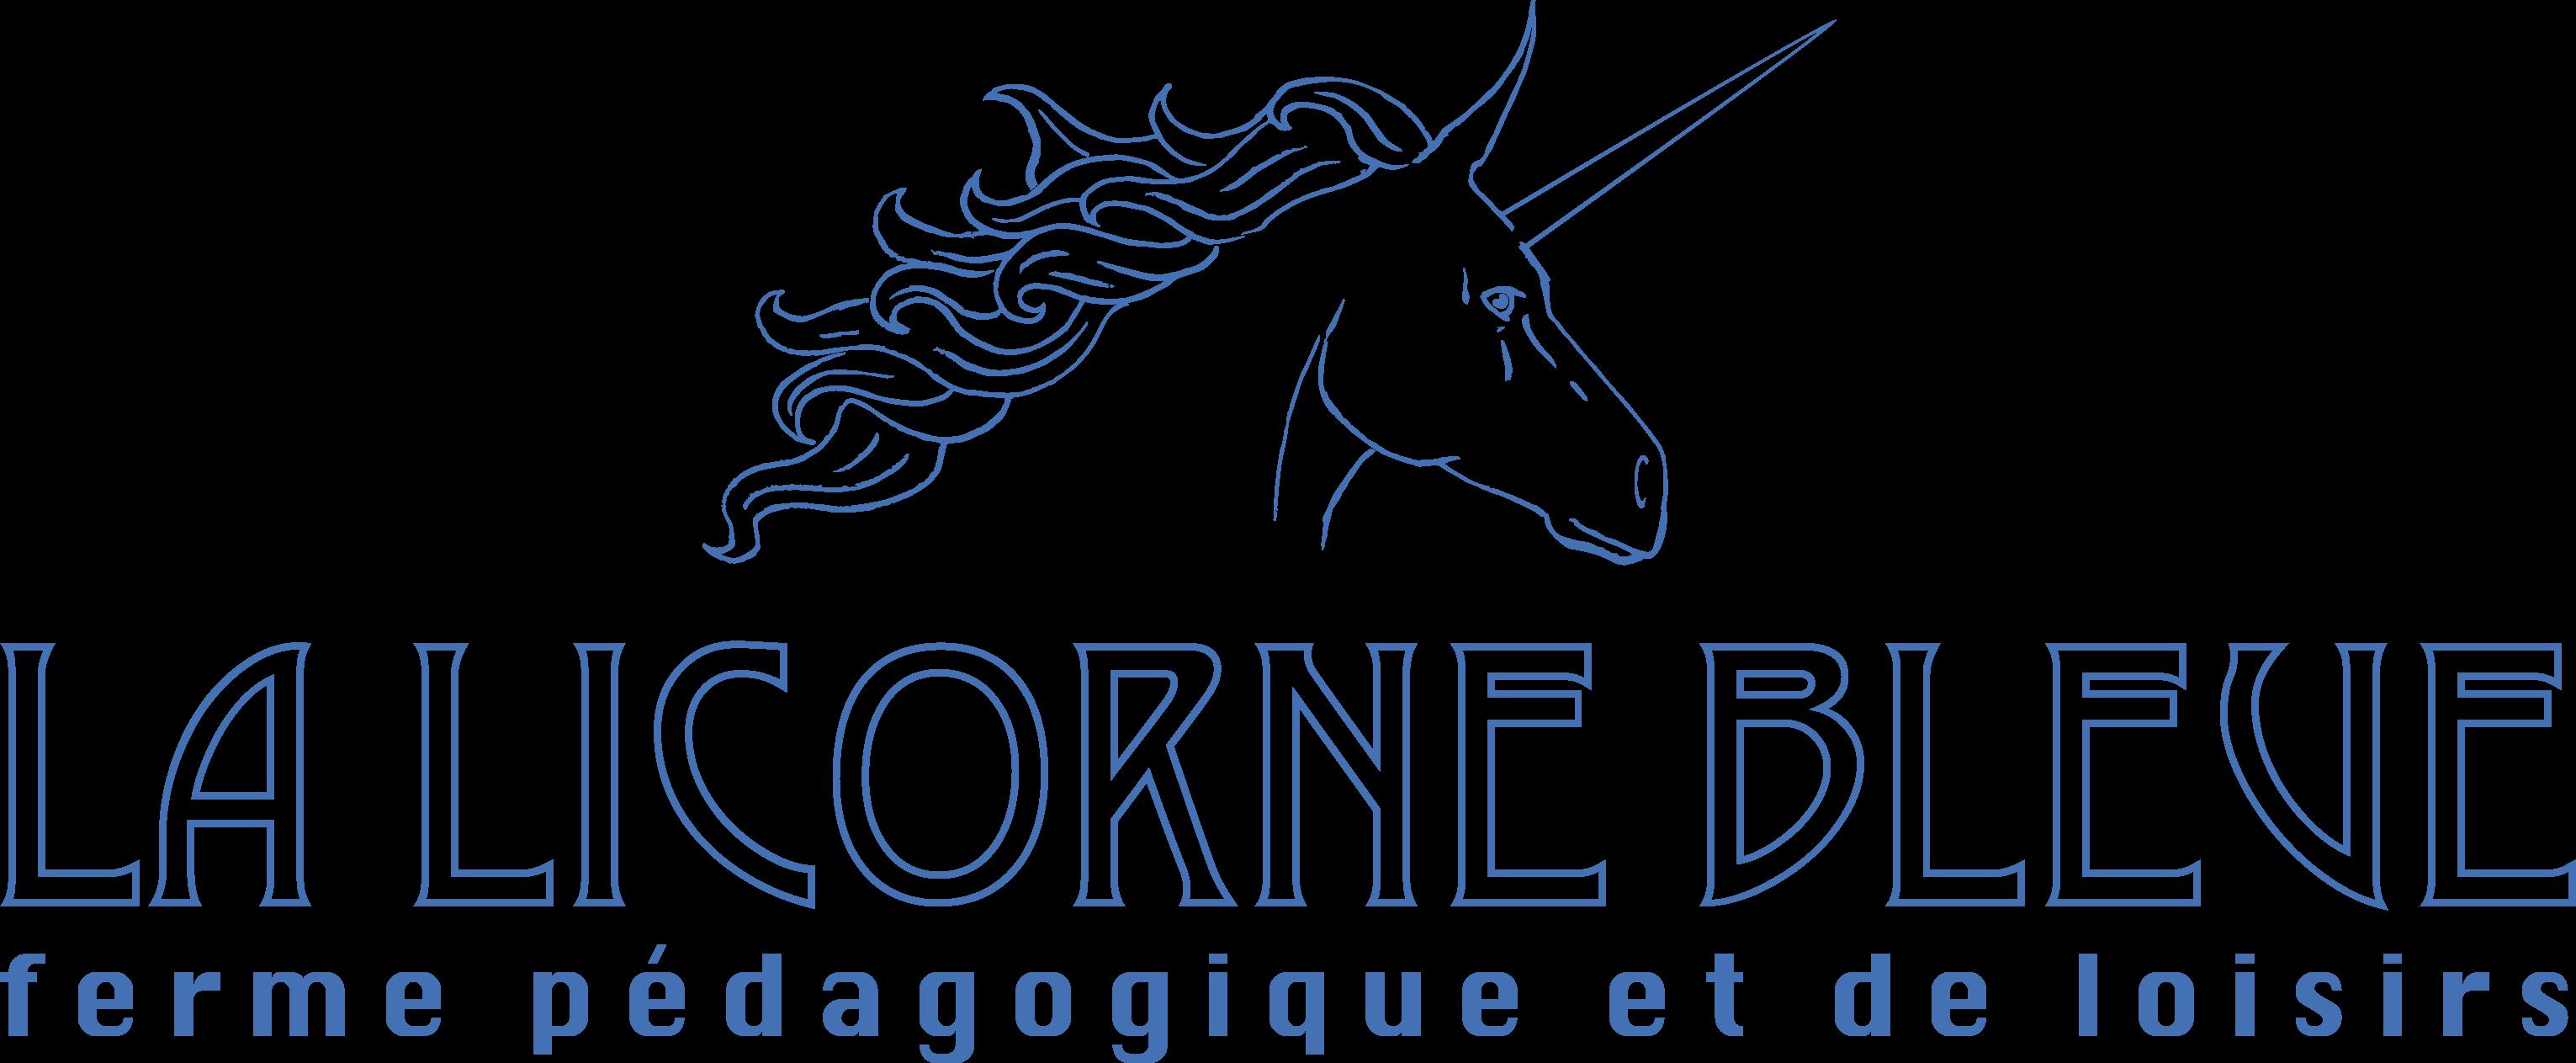 La Licorne Bleue